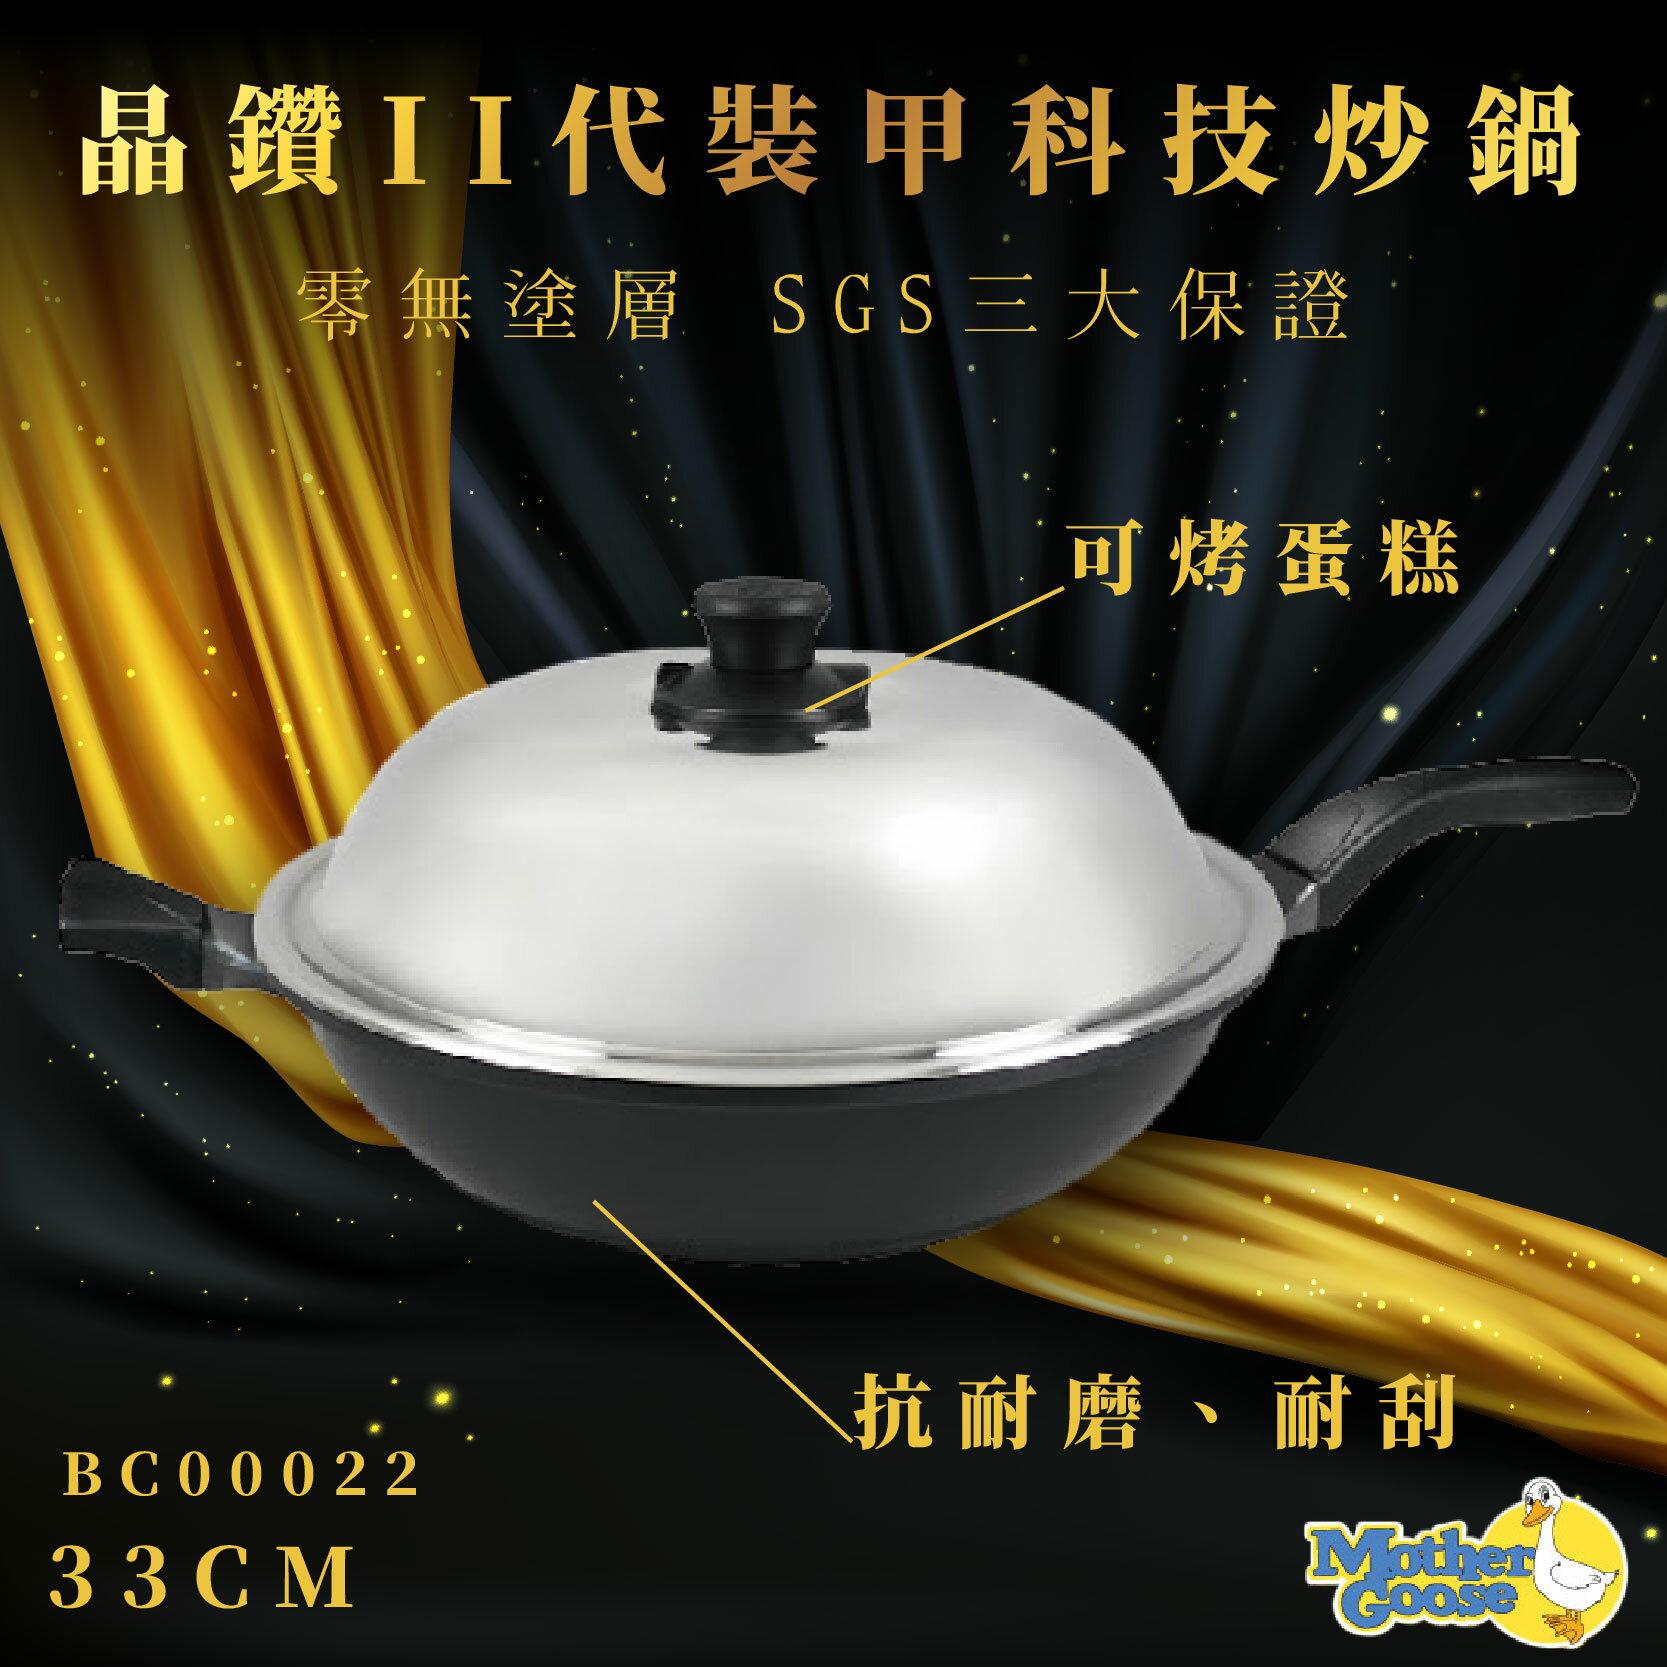 【料理達人】美國 BC00022 晶鑽2代裝甲科技炒鍋 33cm 耐磨耐刮 物理性不沾 可烤蛋糕 航鈦合金 鍋具 鍋子